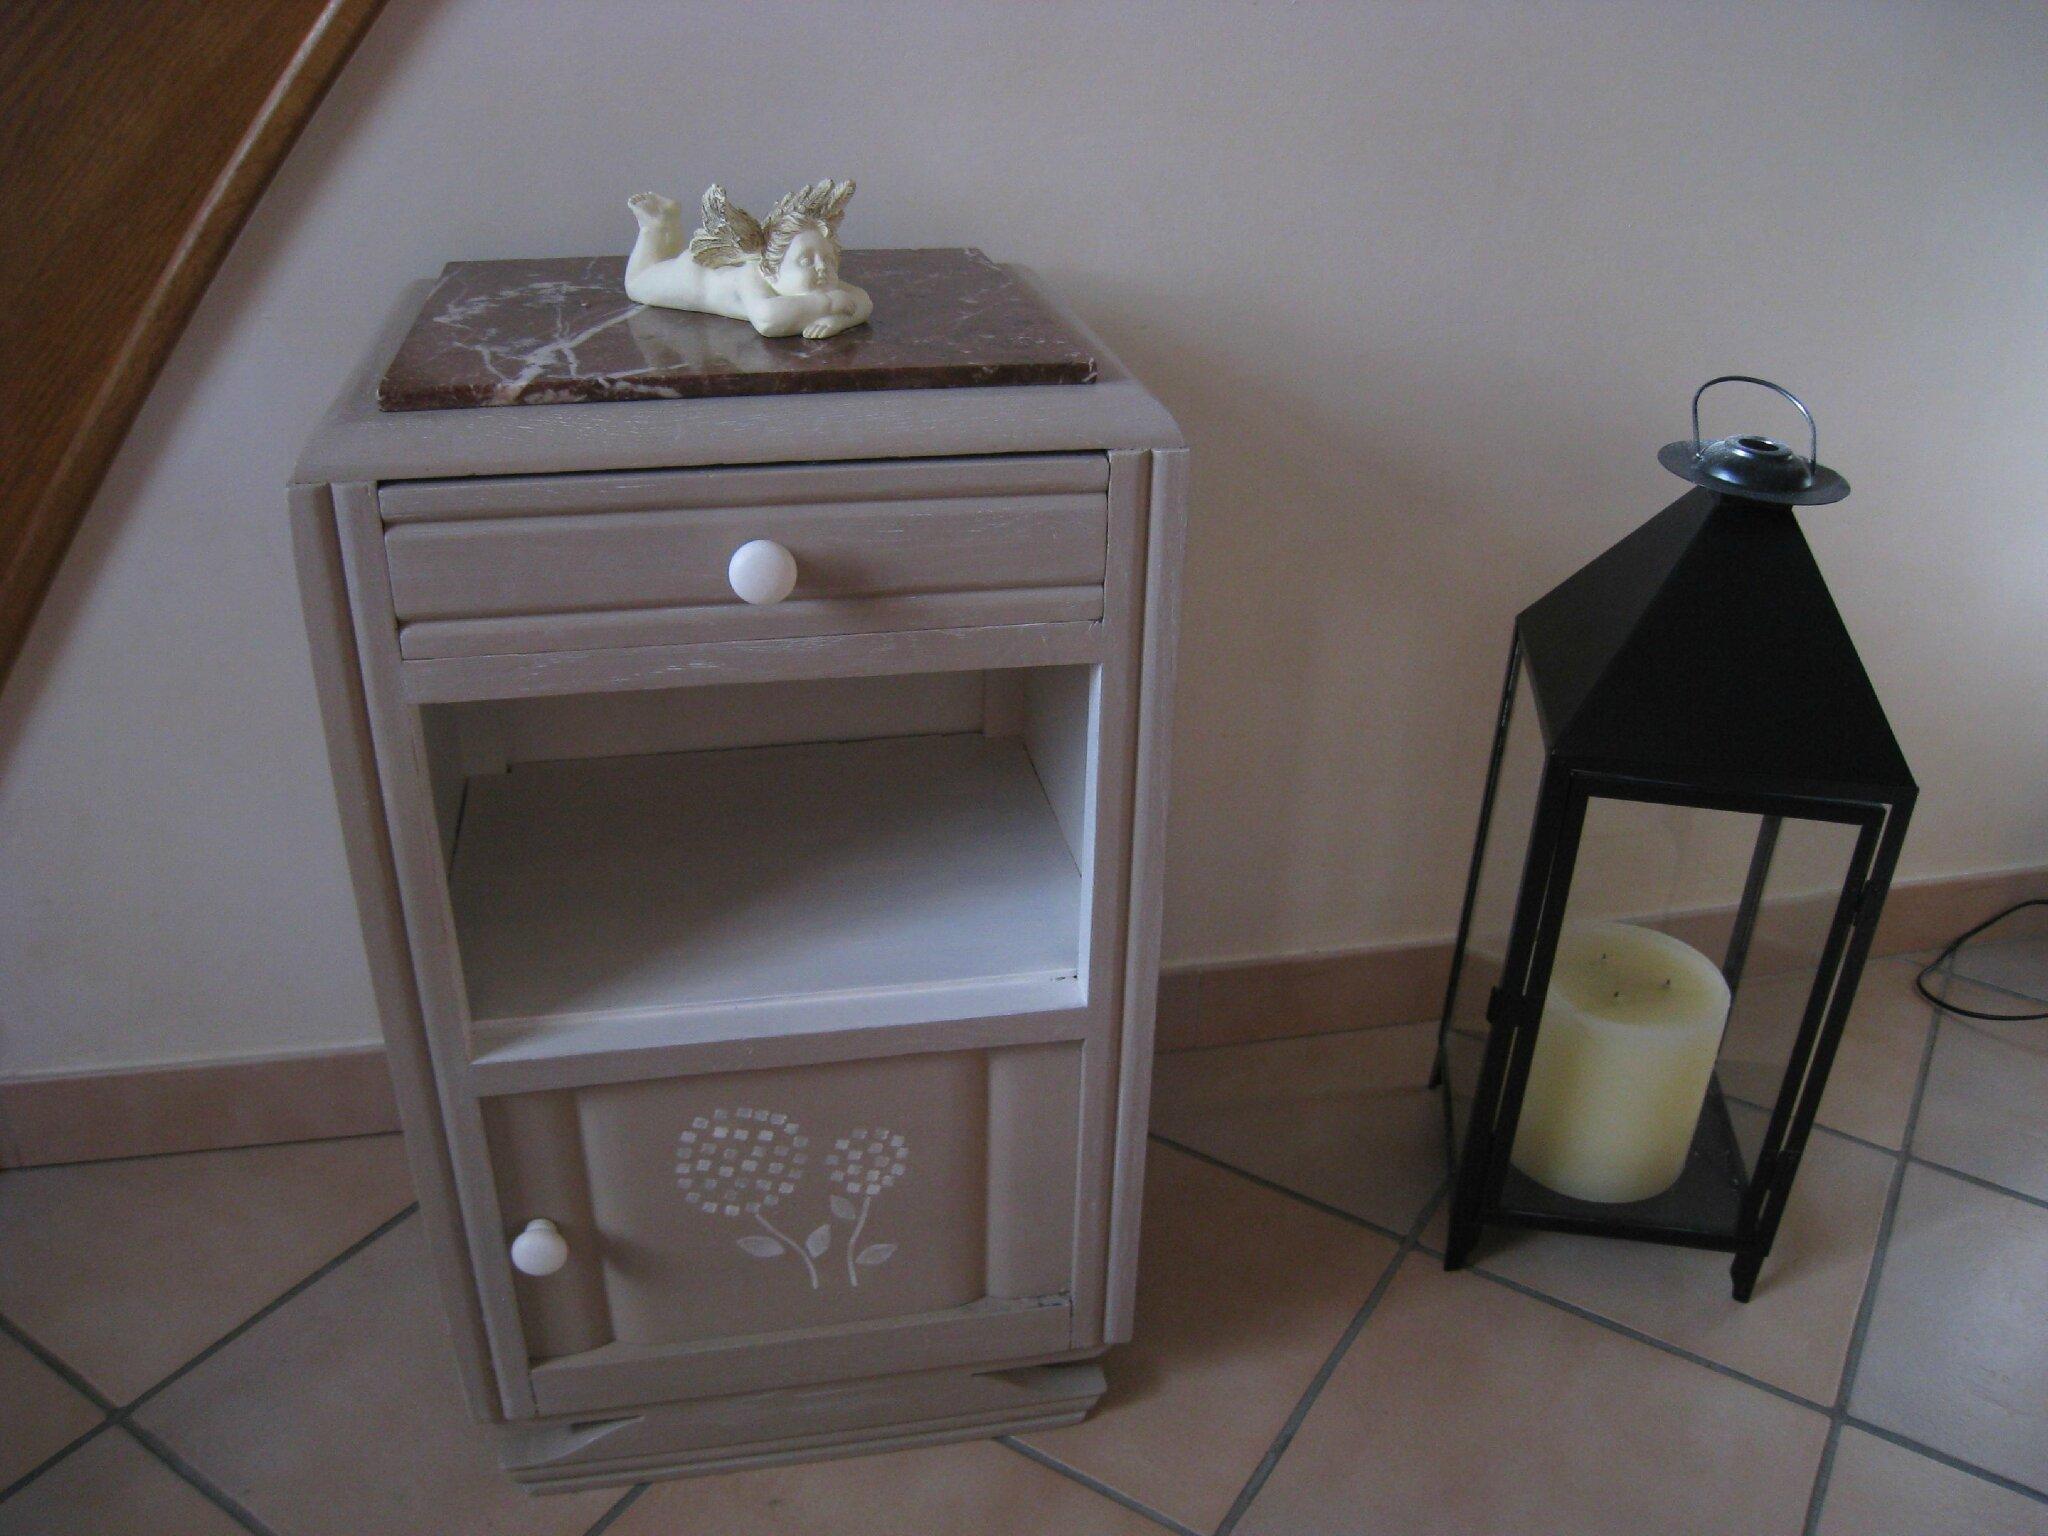 chevet ancien 1930 patin champignon blanchi 110 photo de meubles relook s vendre. Black Bedroom Furniture Sets. Home Design Ideas